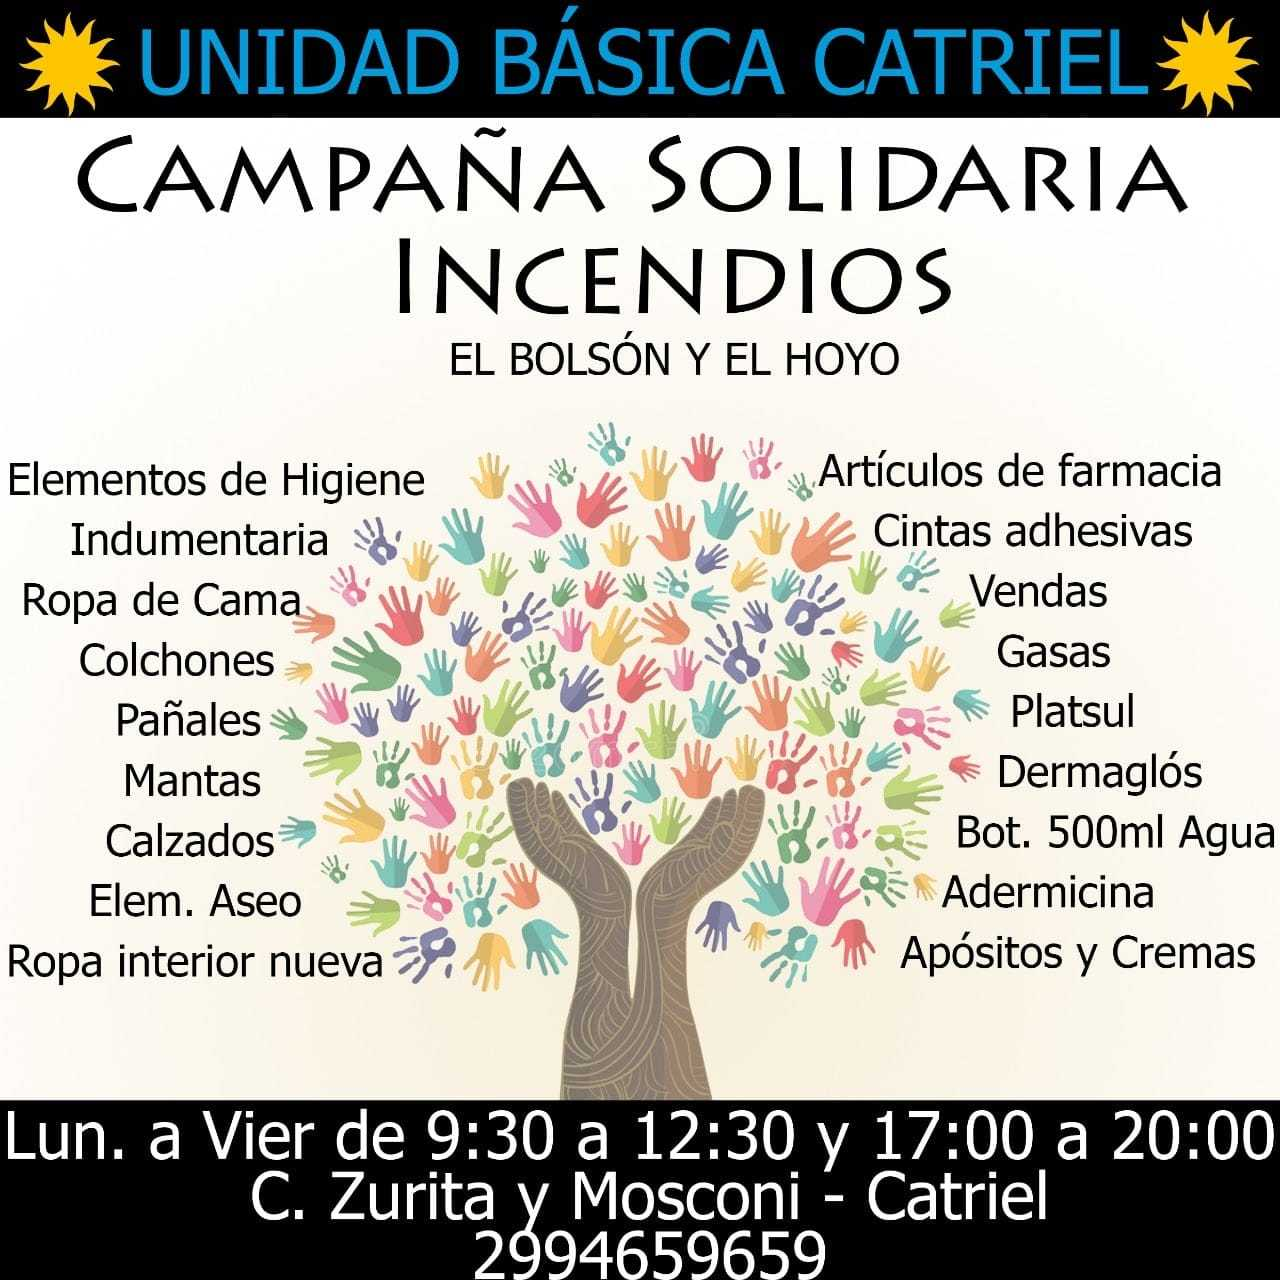 campana el bolson - Catriel25Noticias.com